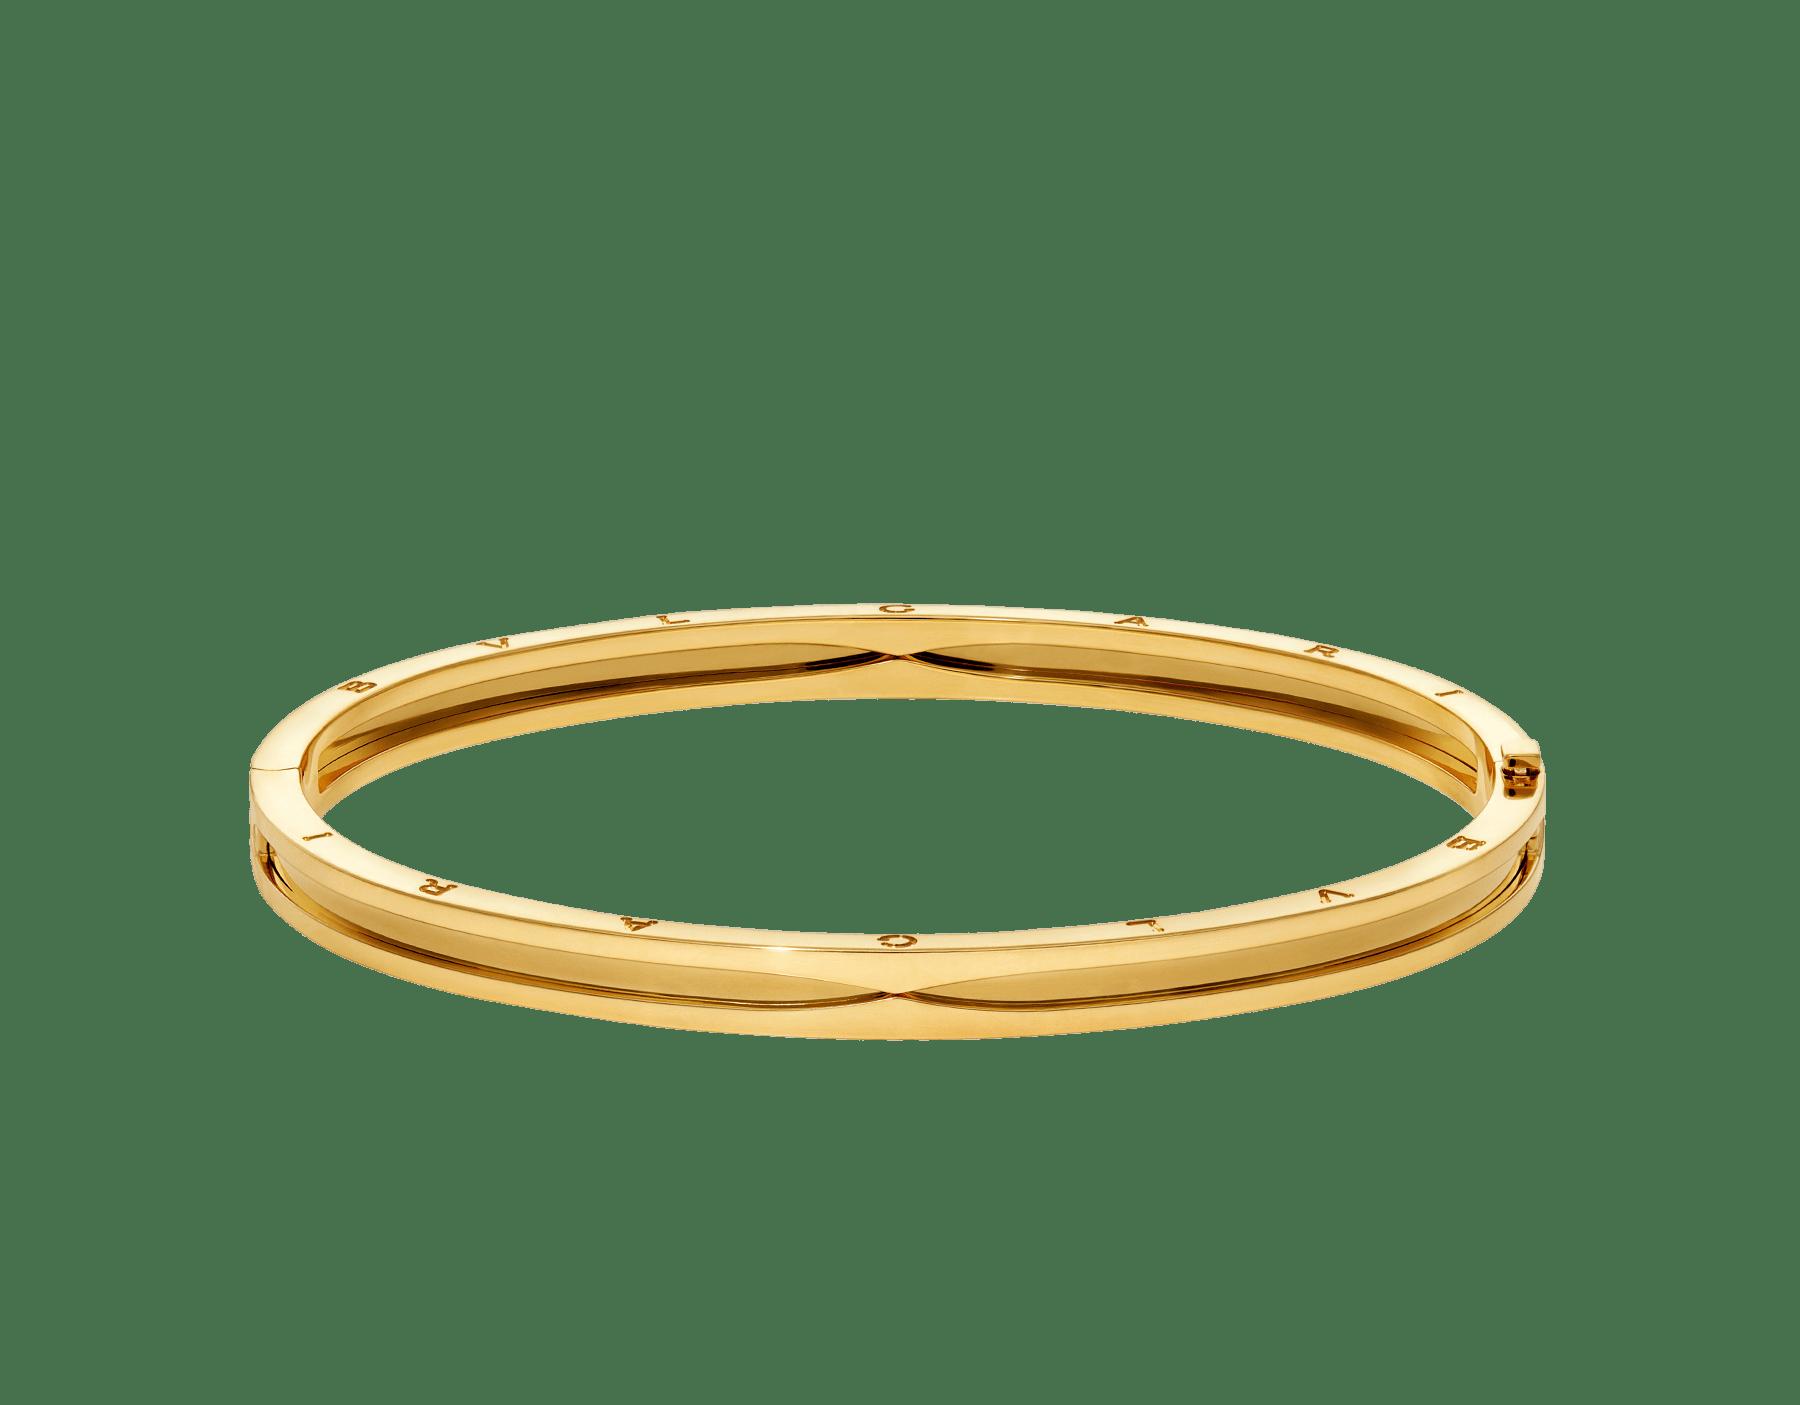 Браслет в форме кольца B.zero1, желтое золото 18карат BR858726 image 2